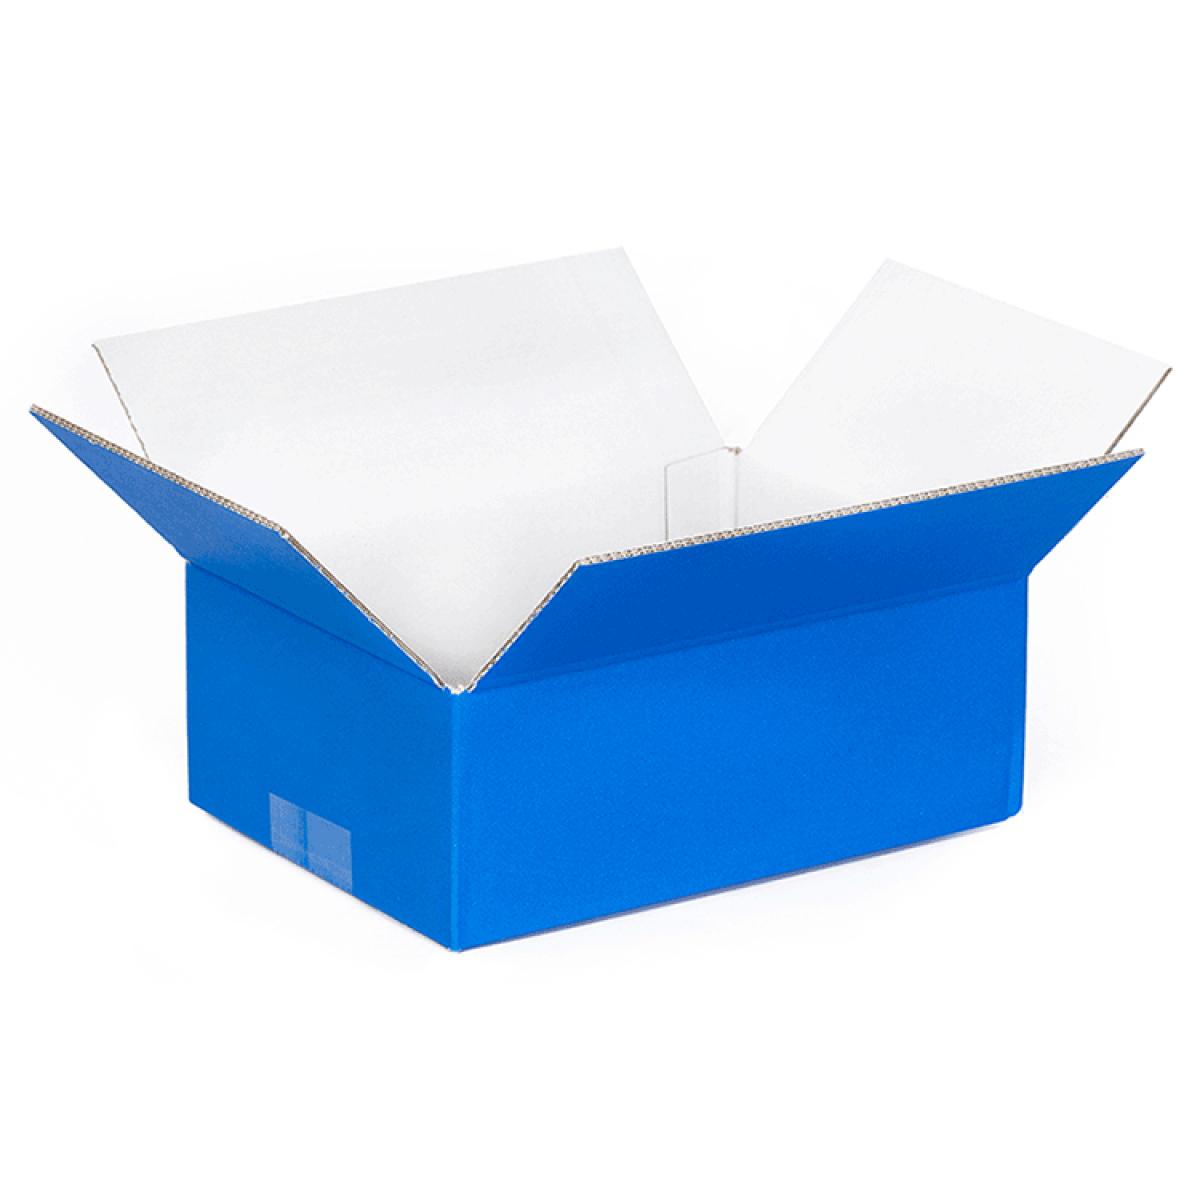 trendy doos blauw buitenkant